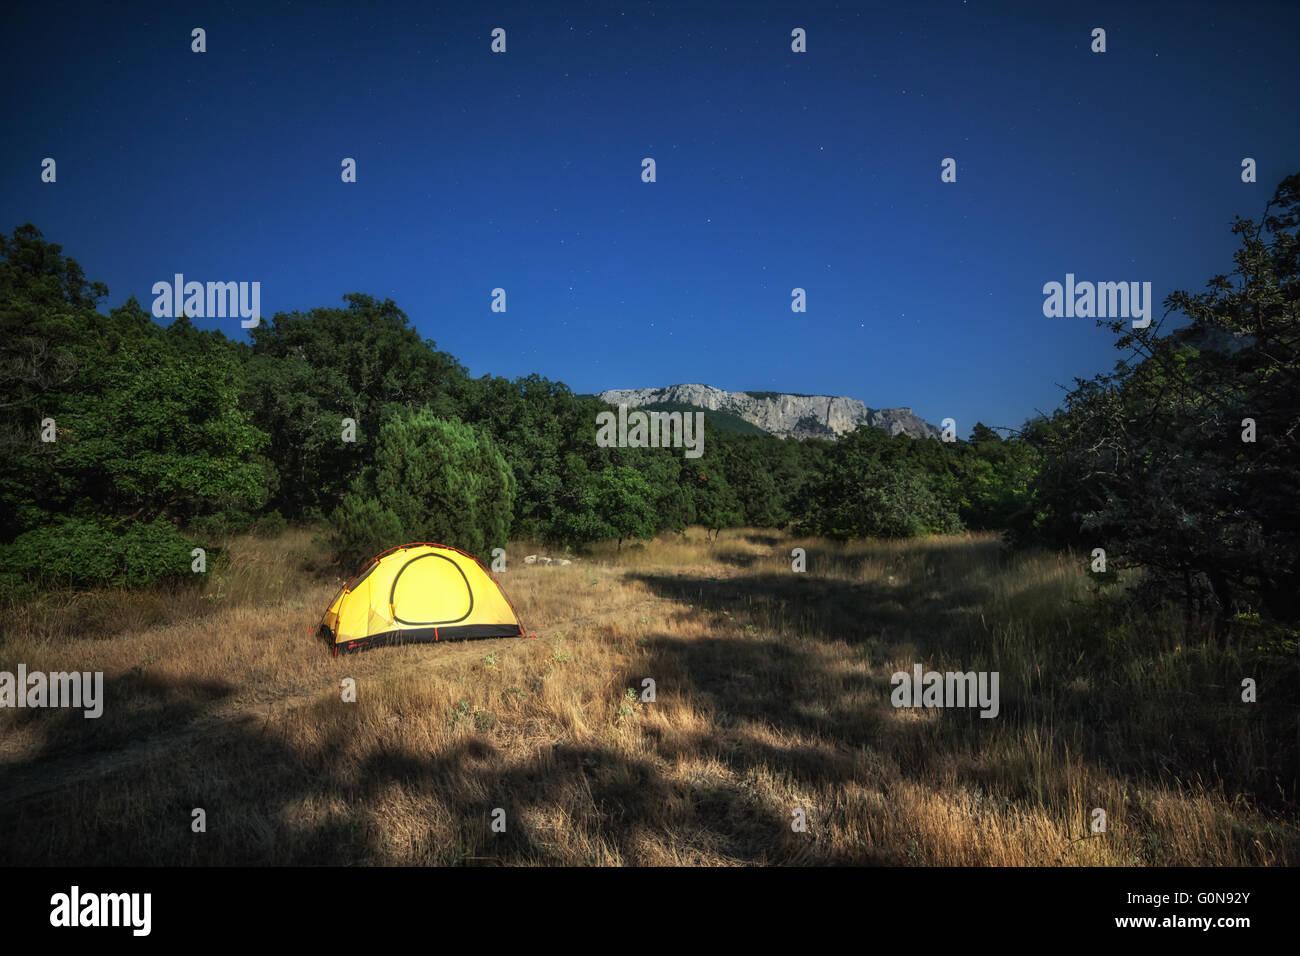 Tenda di colore giallo sul prato in estate Immagini Stock